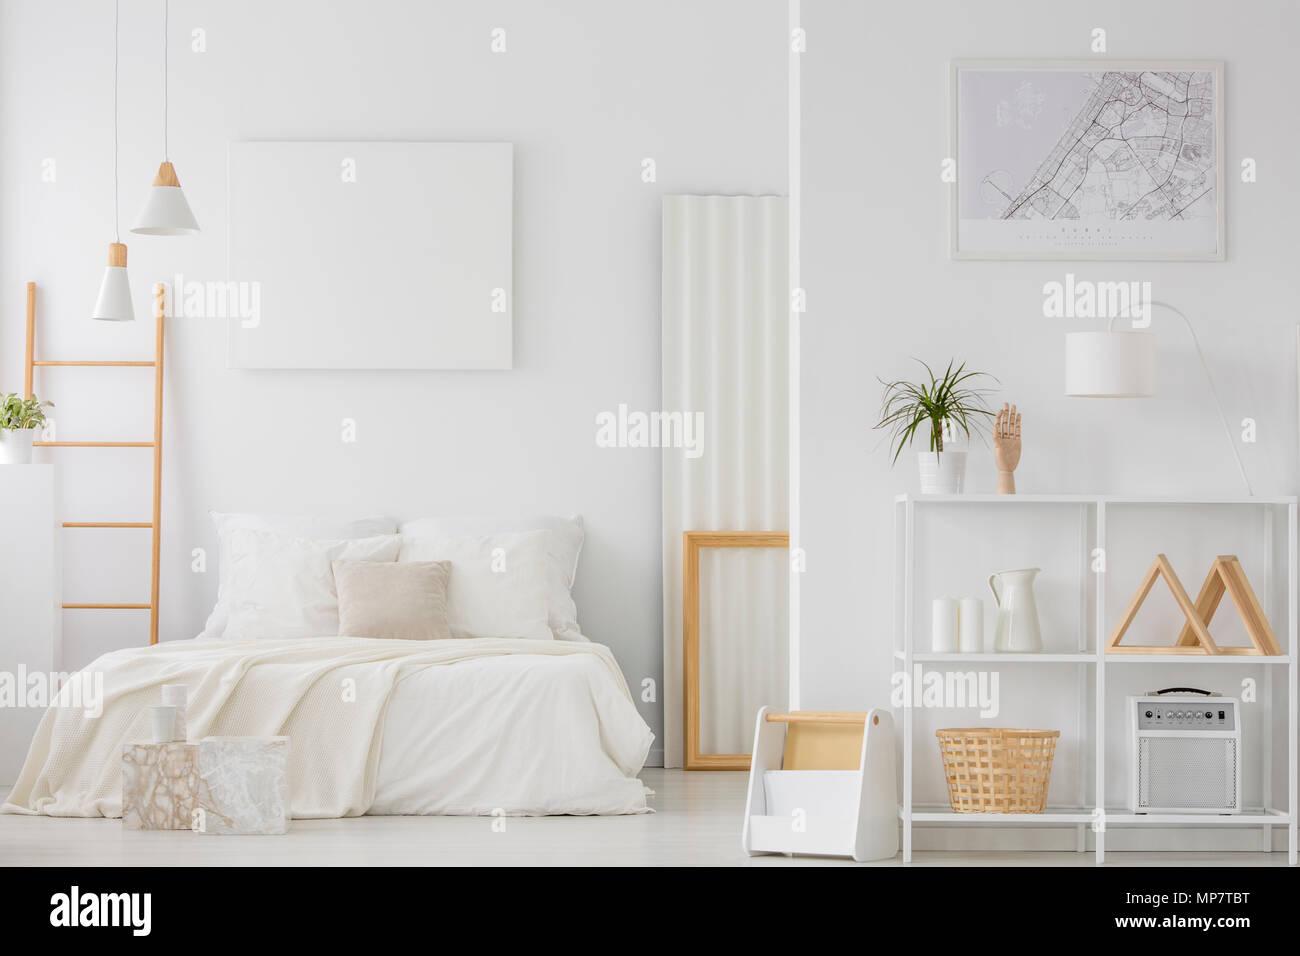 Platz Weiß Schlafzimmer Mit Doppelbett Und Leere Poster An Der Wand Hängen  Öffnen